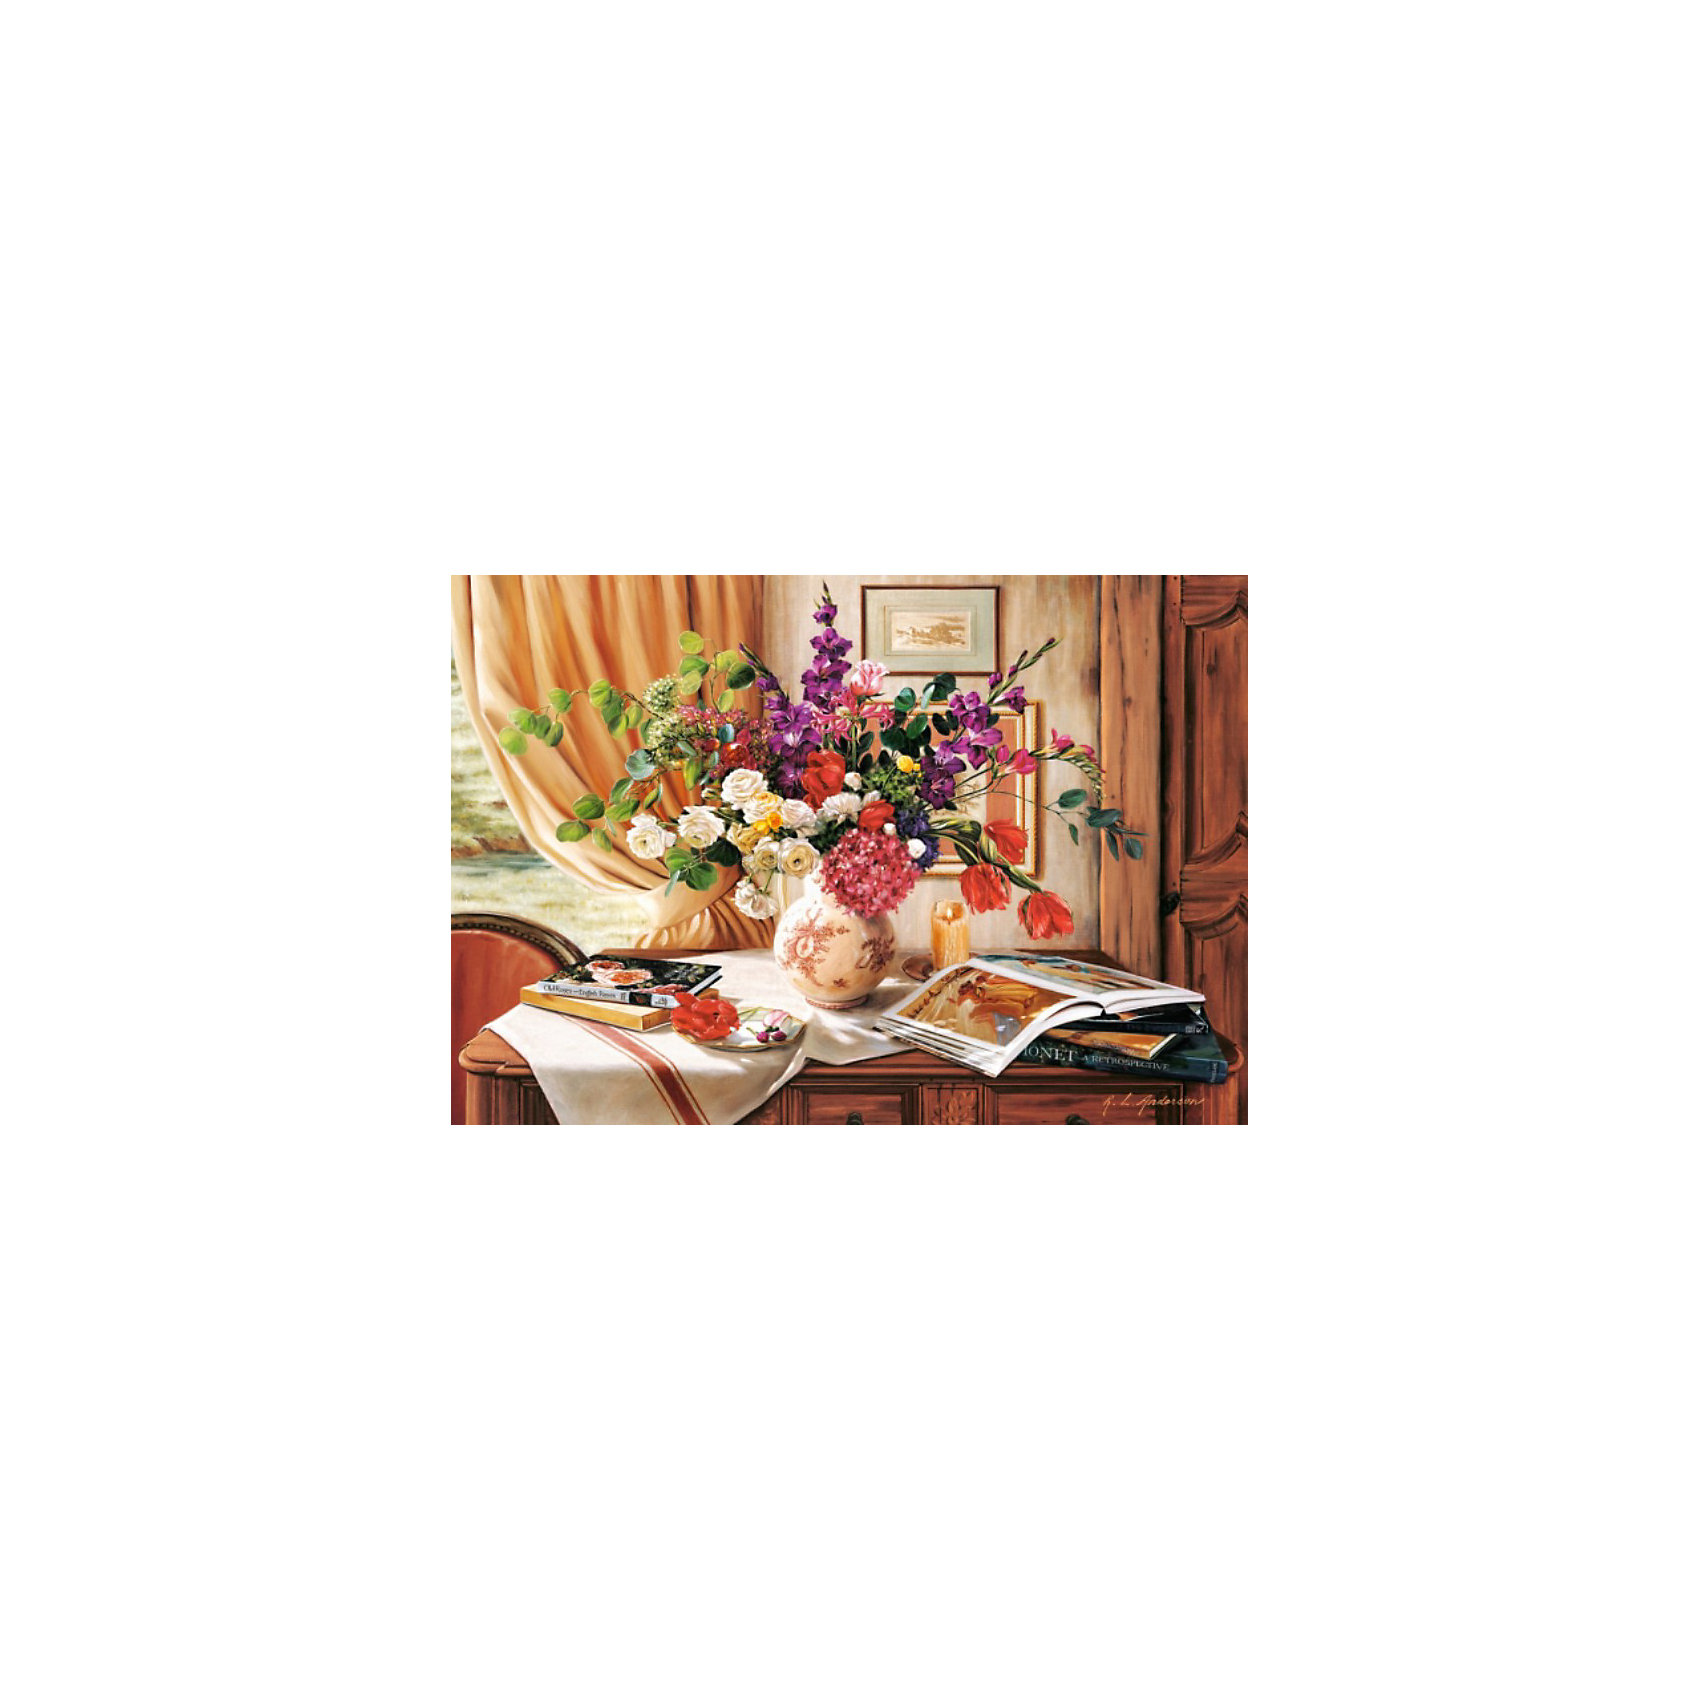 Пазл Дневной свет, 1000 деталей , CastorlandСборка красочного пазла Дневной свет Castorland (Касторленд) подарит всей семье не только несколько вечеров совместного творчества, но и принесет пользу для развития ребенка. Подбор деталей друг к другу способствует развитию образного и логического мышления, наблюдательности, мелкой моторики и координации движений руки. Красочный пазл с интересным сюжетом и цветовыми градациями состоит из глянцевых, приятных на ощупь деталей с ровными краями и идеальной проклейкой. Точная нарезка гарантирует легкость стыковки и многократность сборки без потери внешнего вида. Пазл Дневной свет – это сочные цвета, обилие художественных деталей, интересная сюжетная линия. Такой картиной не только приятно любоваться – её интересно собирать! Ведь всё изображенное на ней выглядит как живое! И кажется, будто сейчас над этим роскошным букетом закружит пчела, выбирая подходящий цветок…<br>Разнообразьте ваш привычный интерьер этим красивым натюрмортом или преподнесите этот набор от Castorland (Касторленд) тем, кто любит пазлы и неравнодушен к живописи!<br><br>Дополнительная информация:<br><br>- Количество деталей: 1000;<br>- Детали не будут расслаиваться, что обеспечит долгий срок службы;<br>- Детали идеально подходят друг другу;<br>- Яркий сюжет;<br>- Материал: картон;<br>- Размер собранной картинки: 68 х 47 см.<br><br>Пазл Дневной свет, 1000 деталей, Castorland (Касторленд) можно купить в нашем интернет-магазине.<br><br>Ширина мм: 350<br>Глубина мм: 250<br>Высота мм: 50<br>Вес г: 500<br>Возраст от месяцев: 168<br>Возраст до месяцев: 1188<br>Пол: Унисекс<br>Возраст: Детский<br>Количество деталей: 1000<br>SKU: 3717136